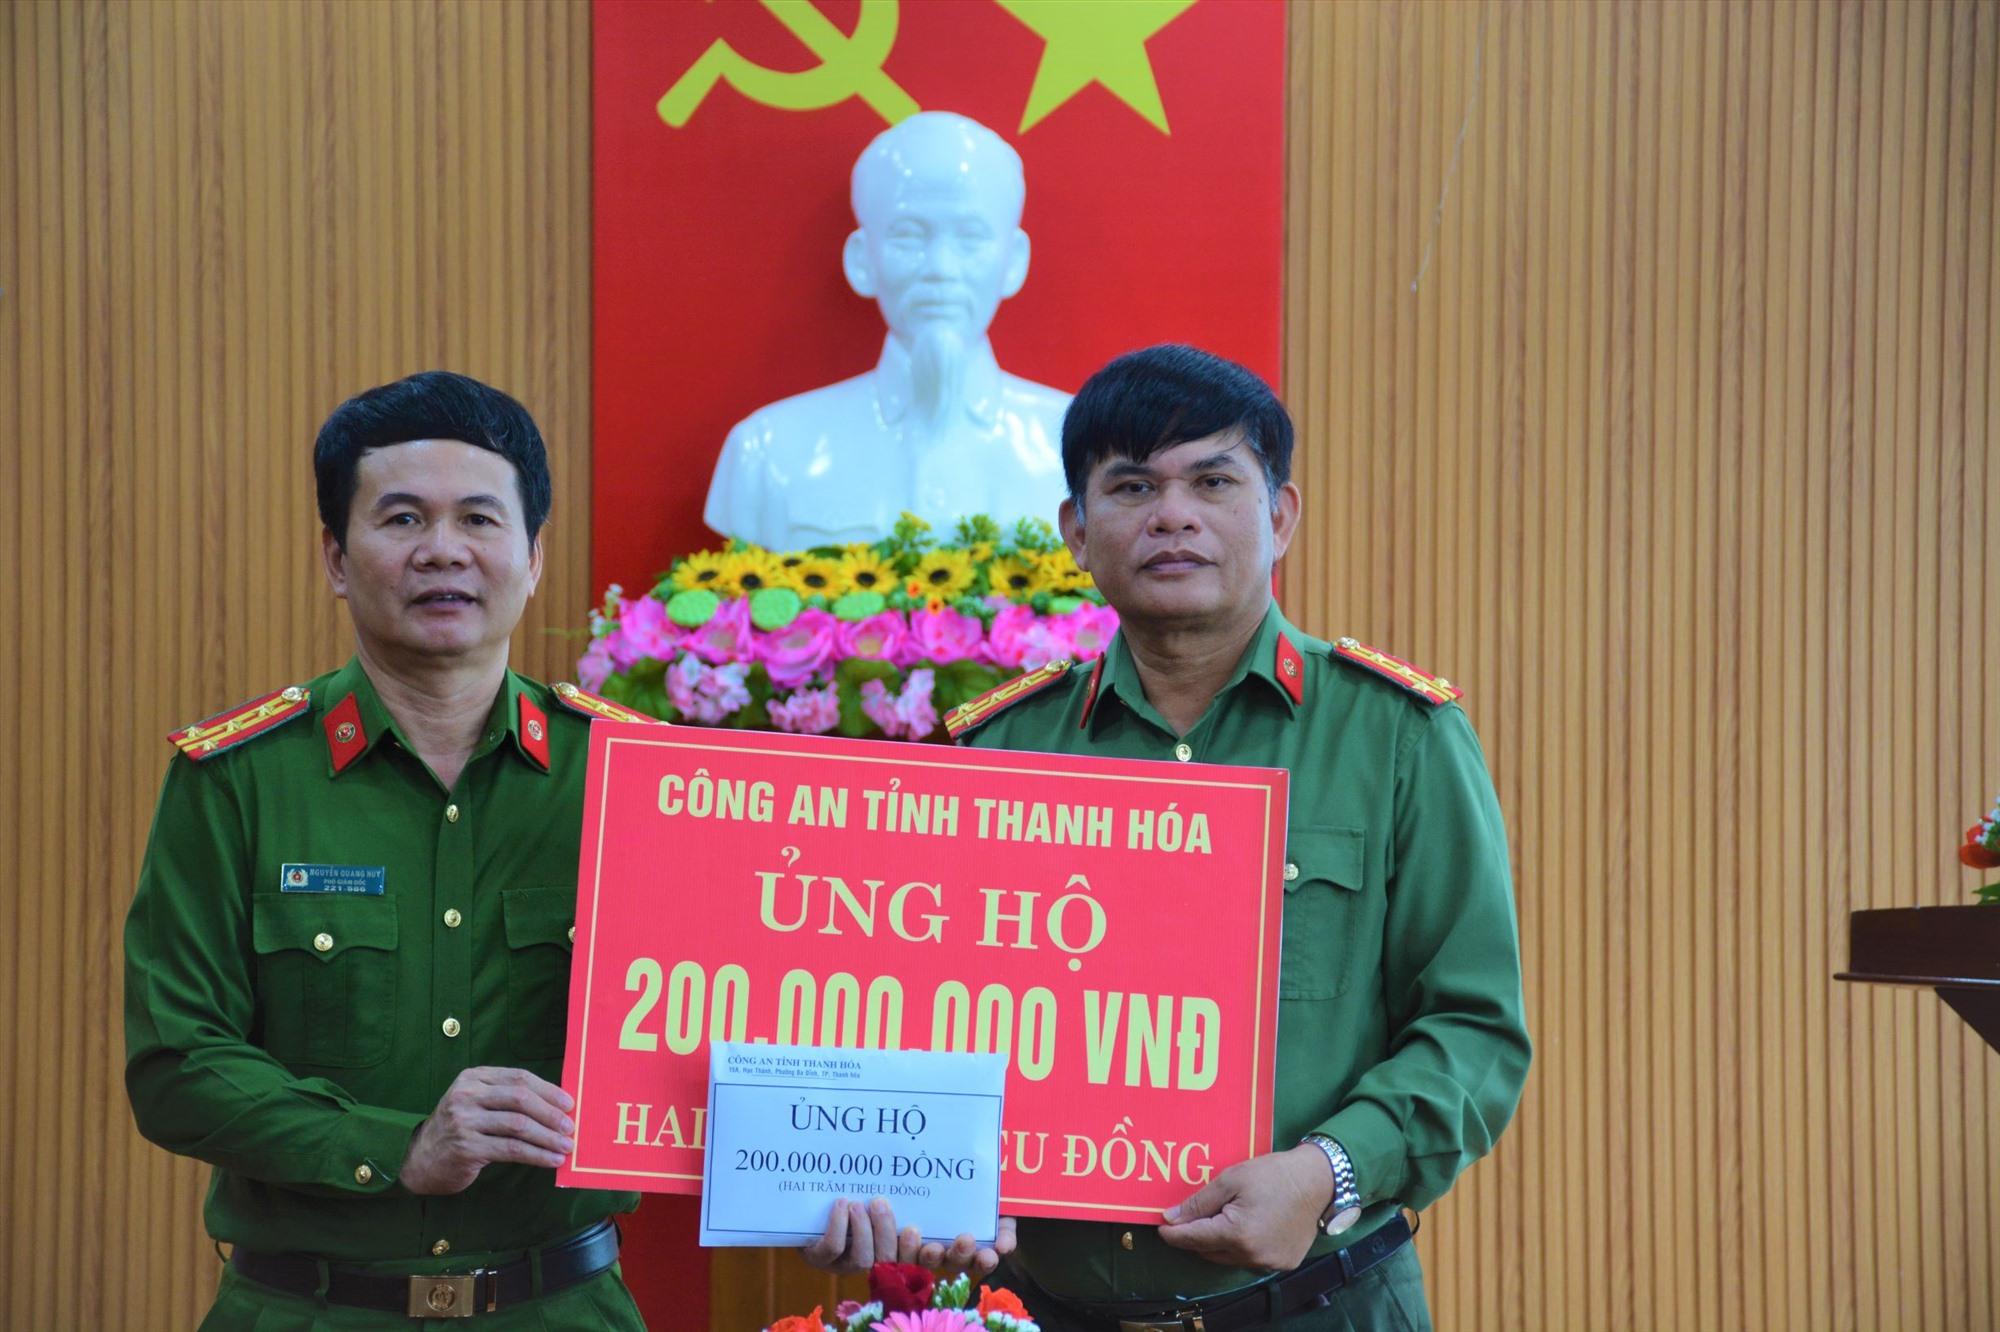 Công an tỉnh Thanh Hóa trao tặng 200 triệu đồng cho Công an tỉnh Quảng Nam.